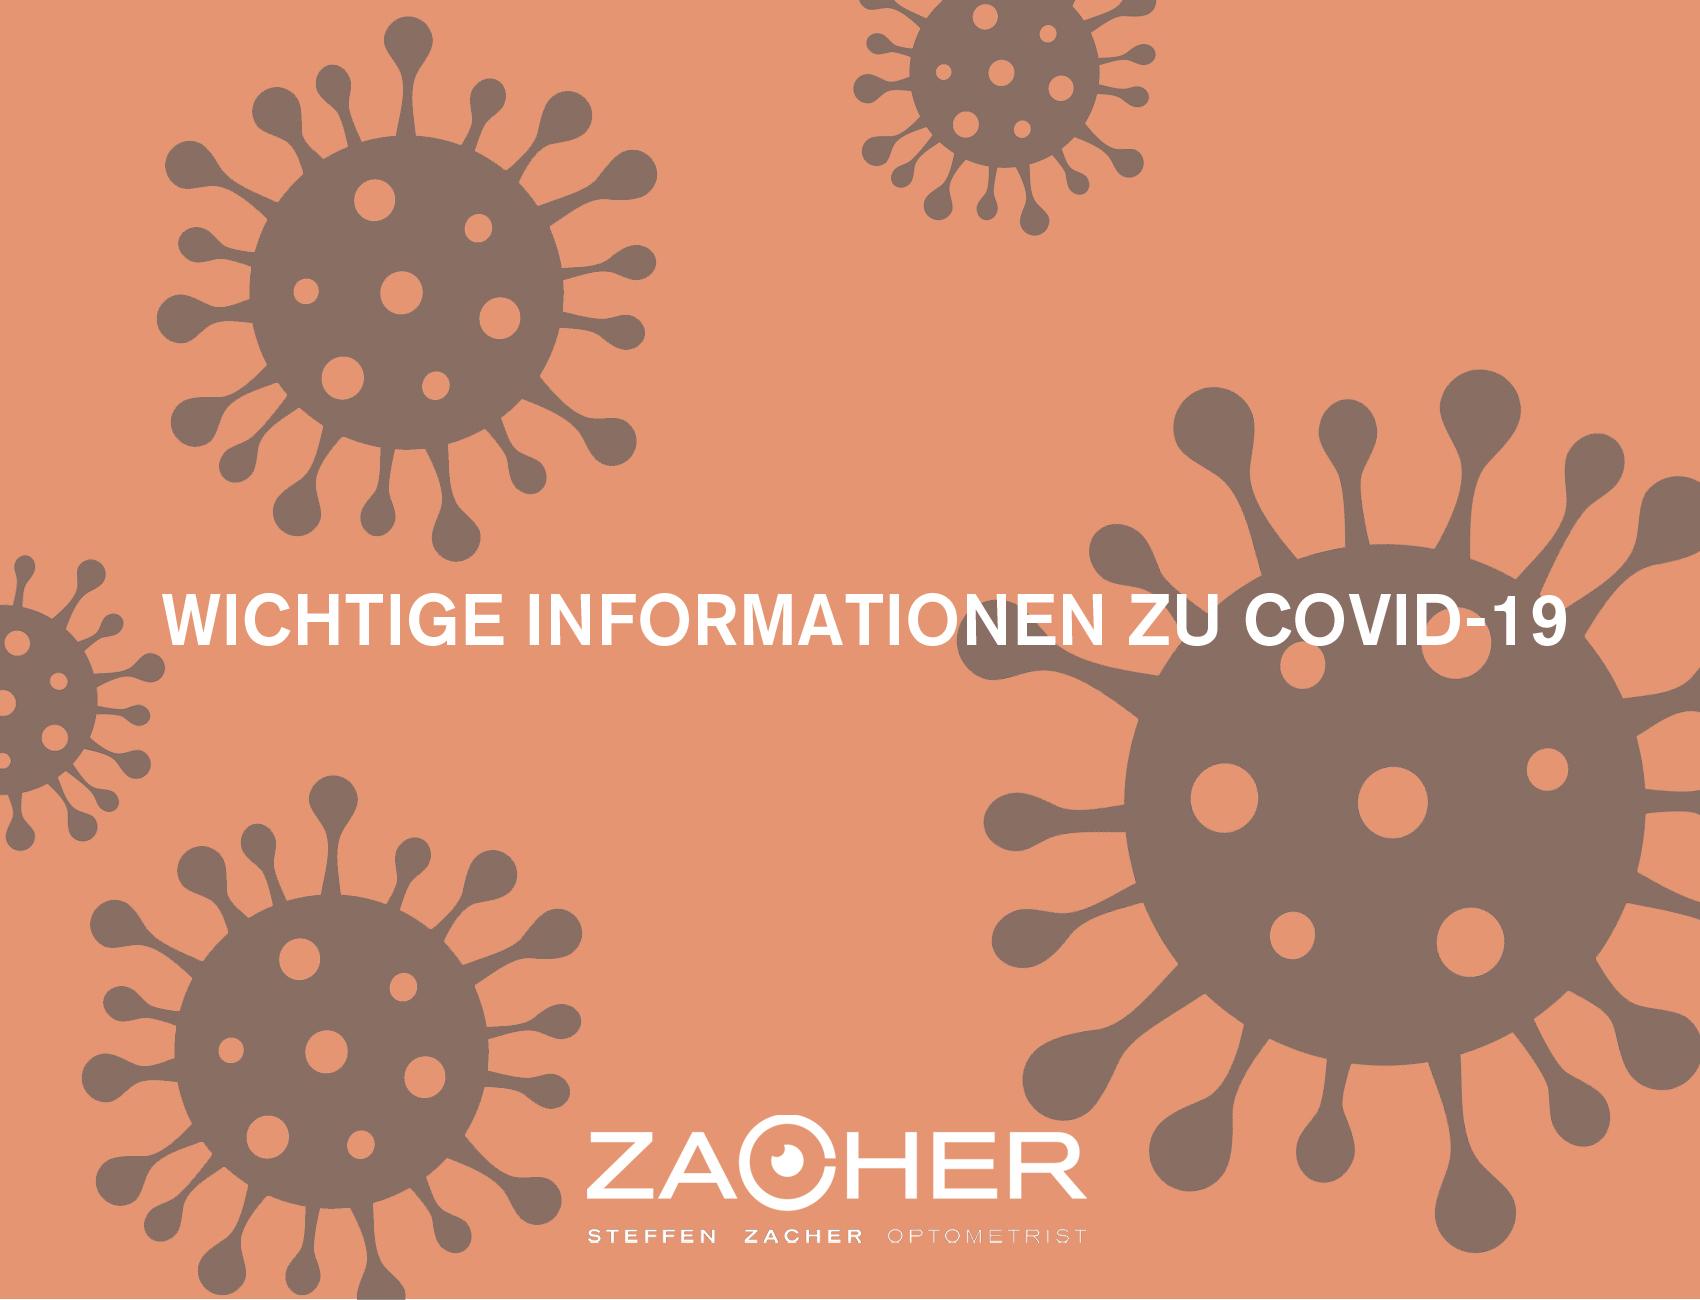 Coronamaßnahmen bei Optiker Zacher